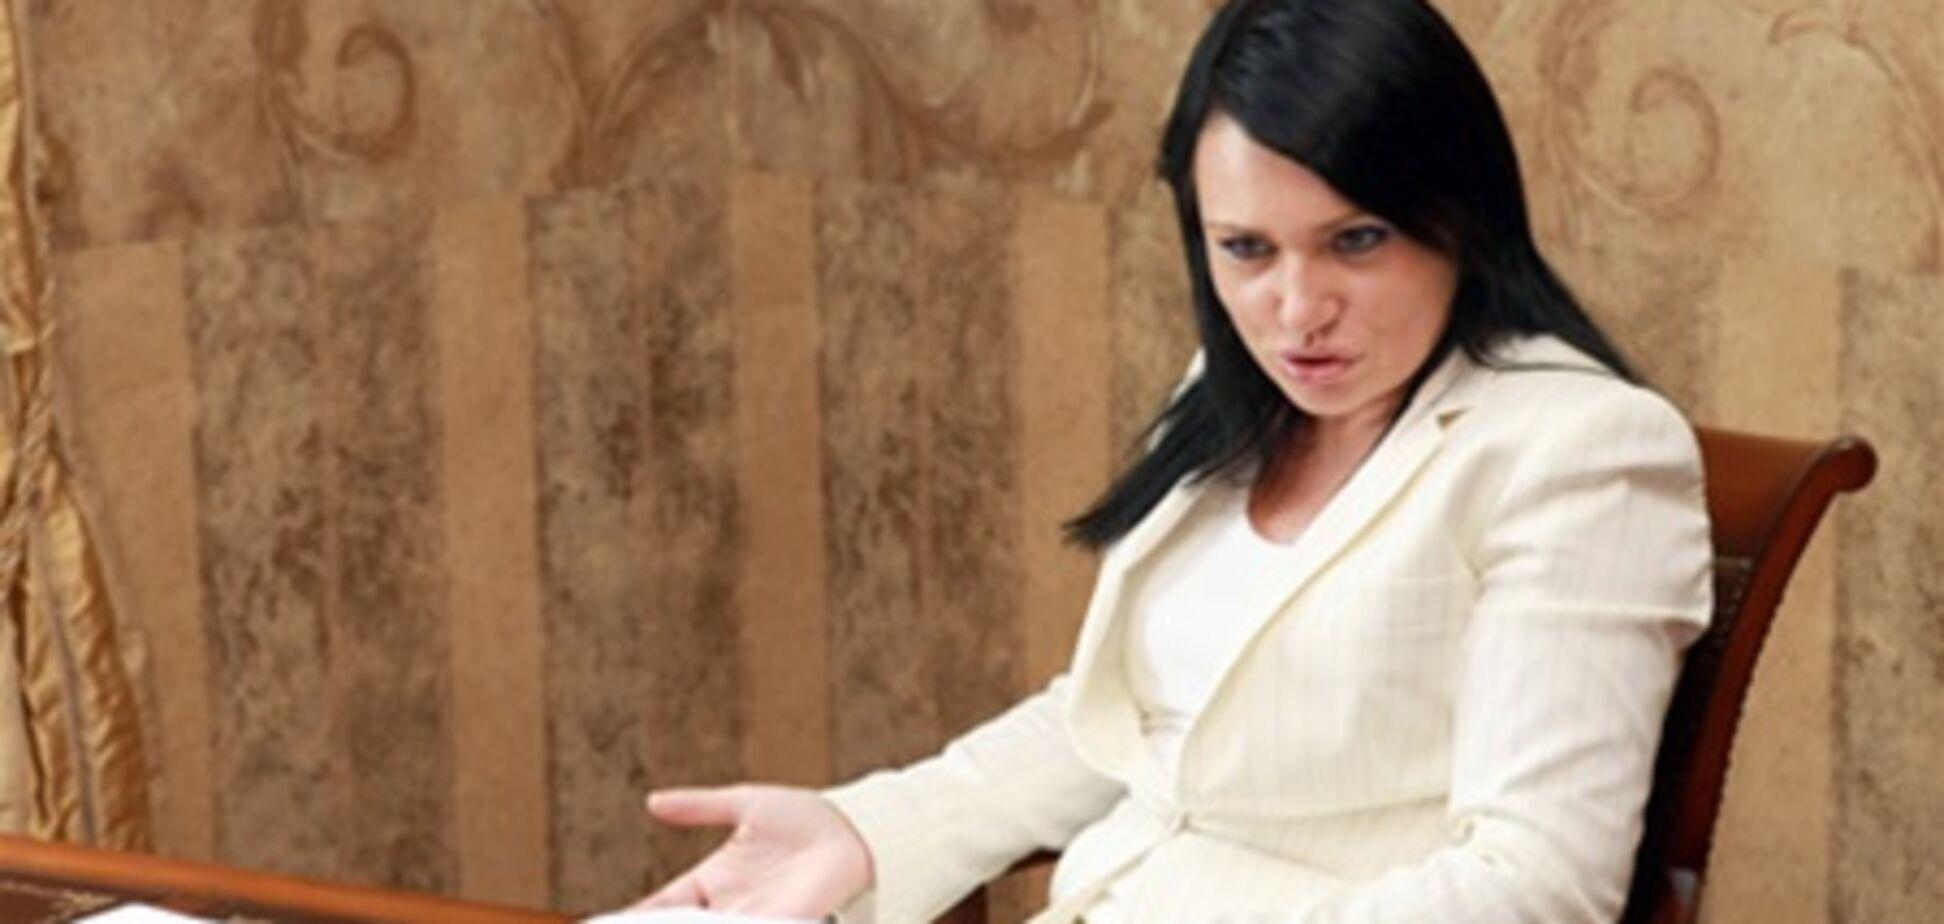 Кильчицкая: 'честно' о наболевшем. Фото